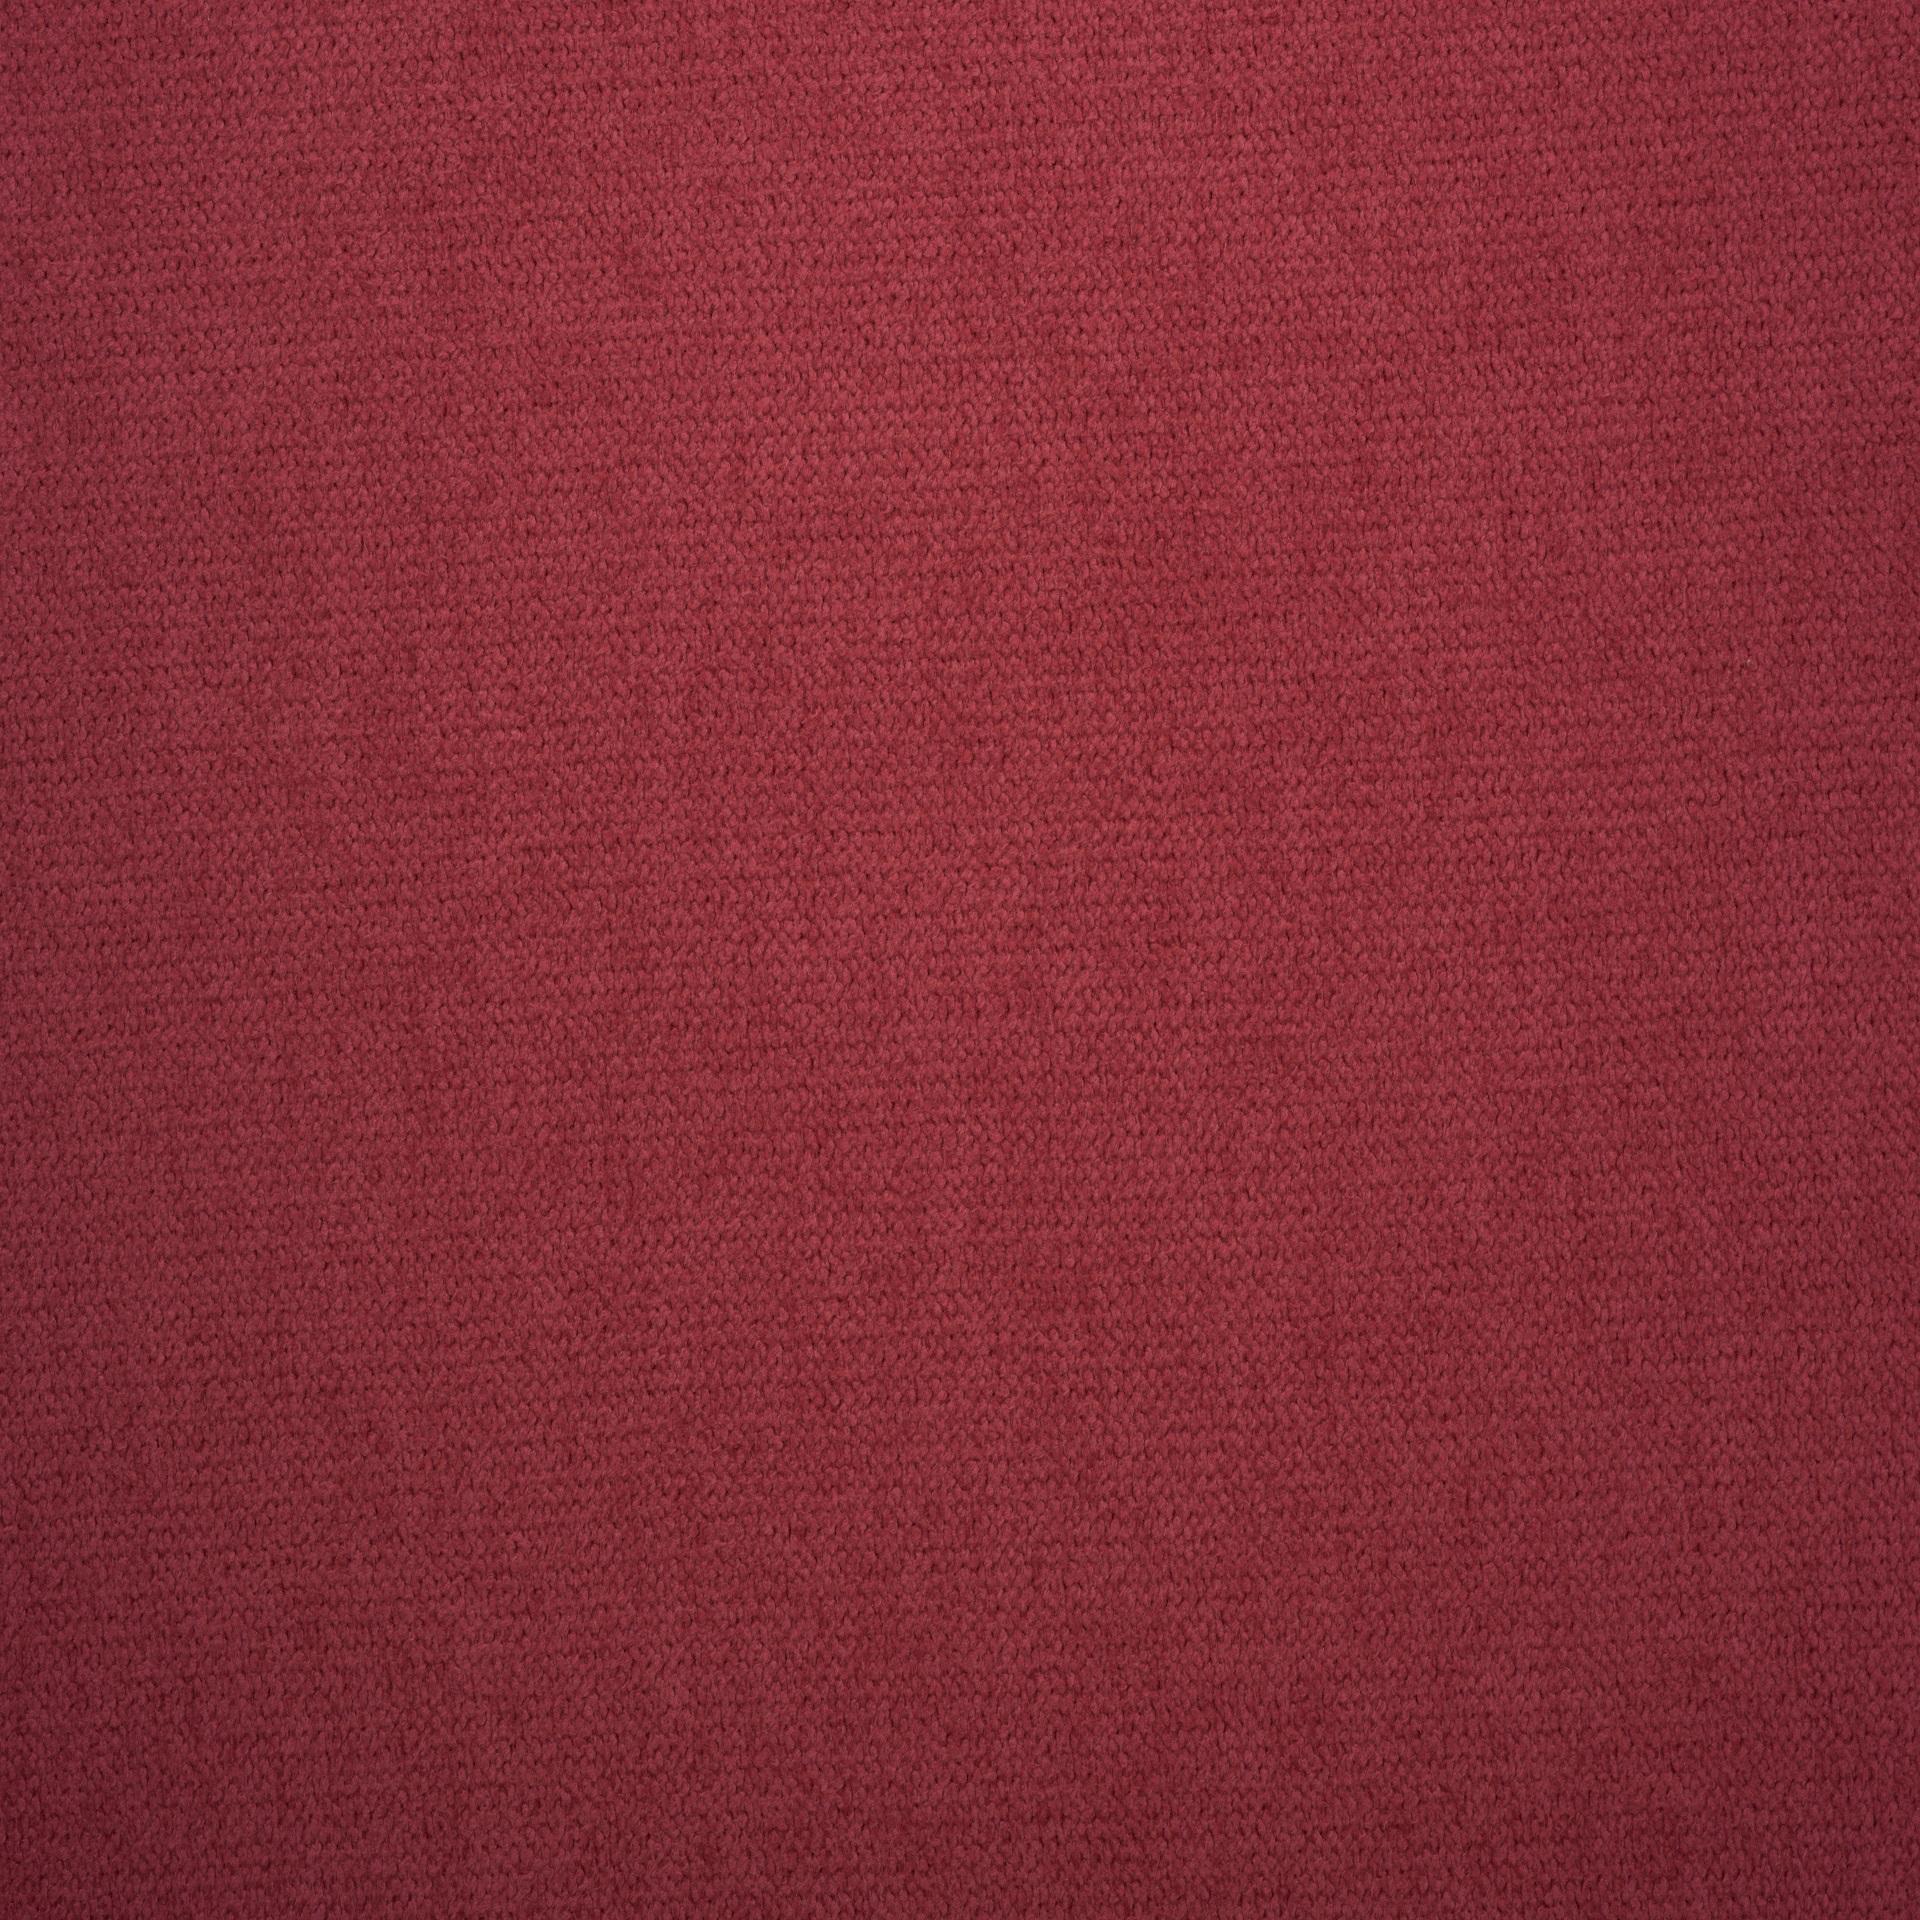 Коллекция ткани Аляска 60,  купить ткань Жаккард для мебели Украина